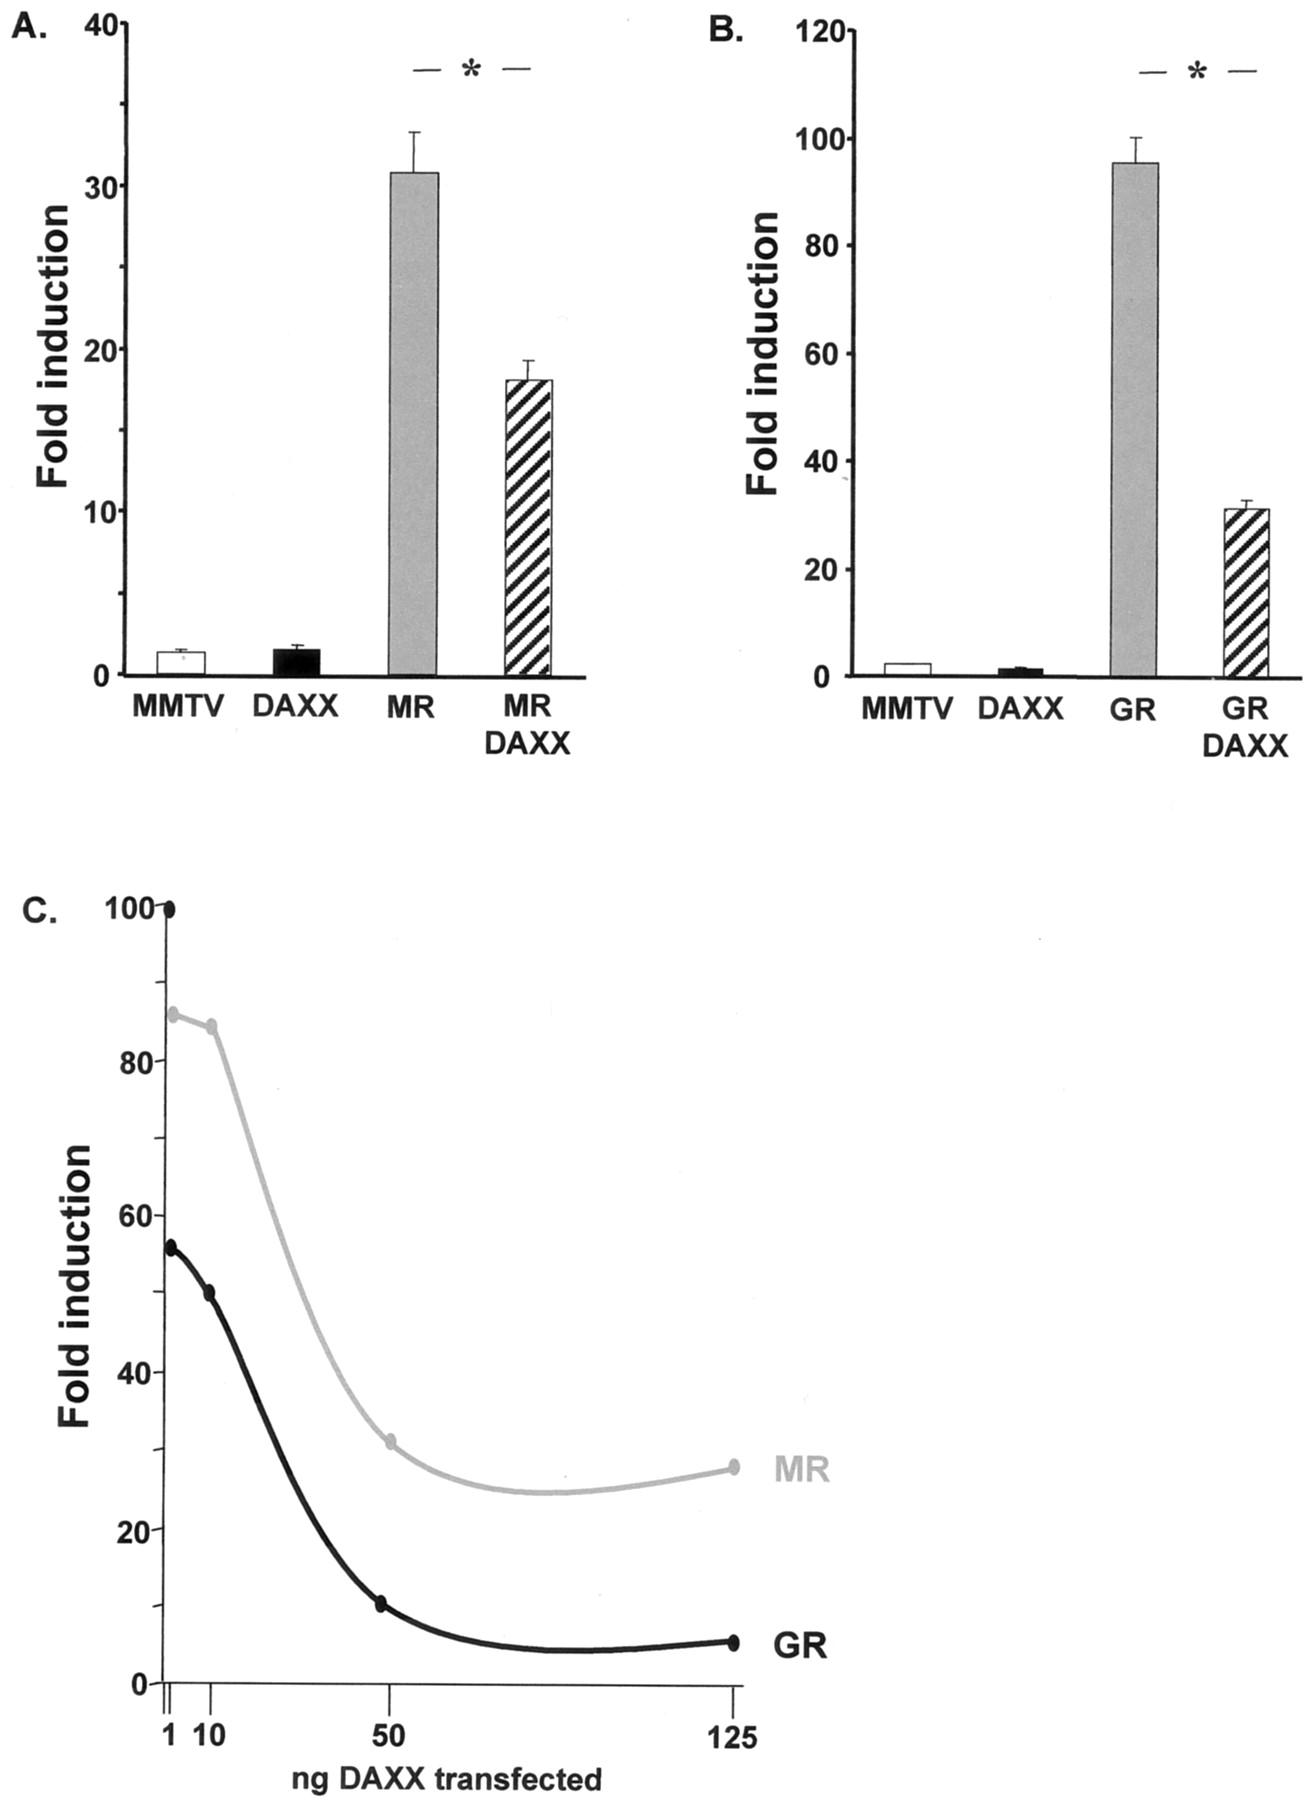 Daxx Flash And Faf 1 Modulate Mineralocorticoid Glucocorticoid 1796 Cj7 Fuse Box Diagram Download Figure